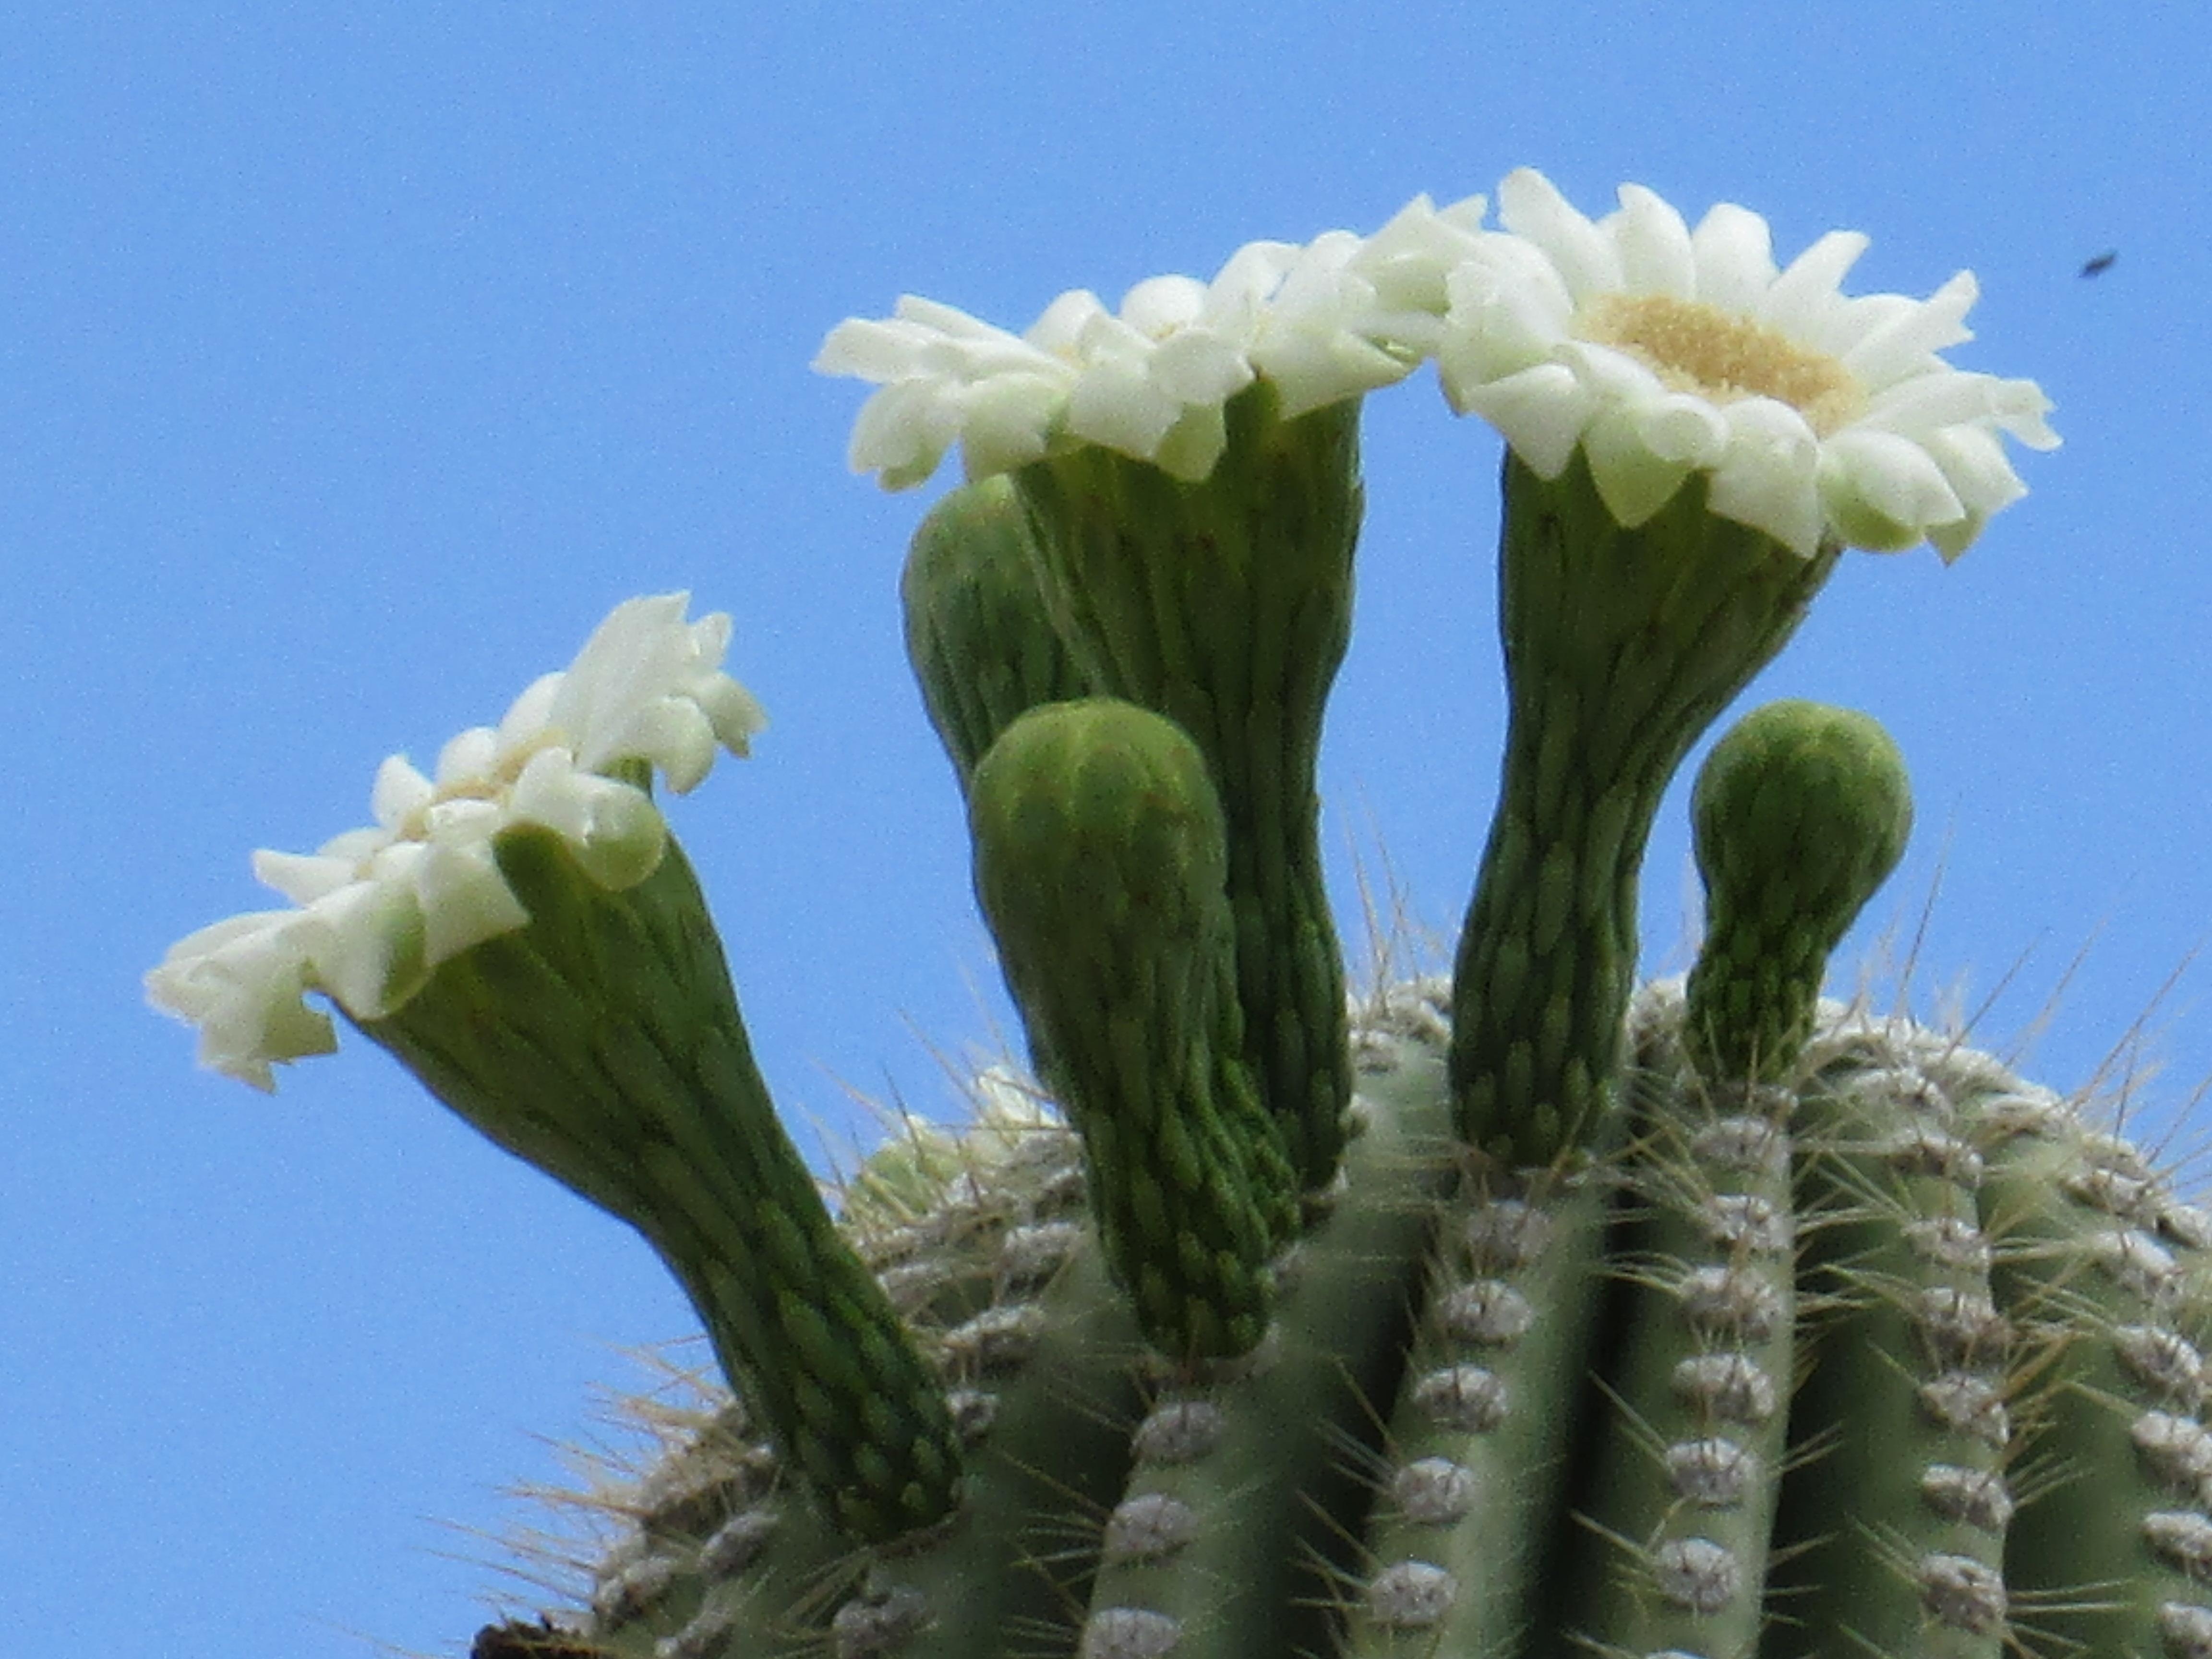 Saguaro Cactus Flowers | Raquel Baranow | Flickr |Saguaro Cactus Flowers